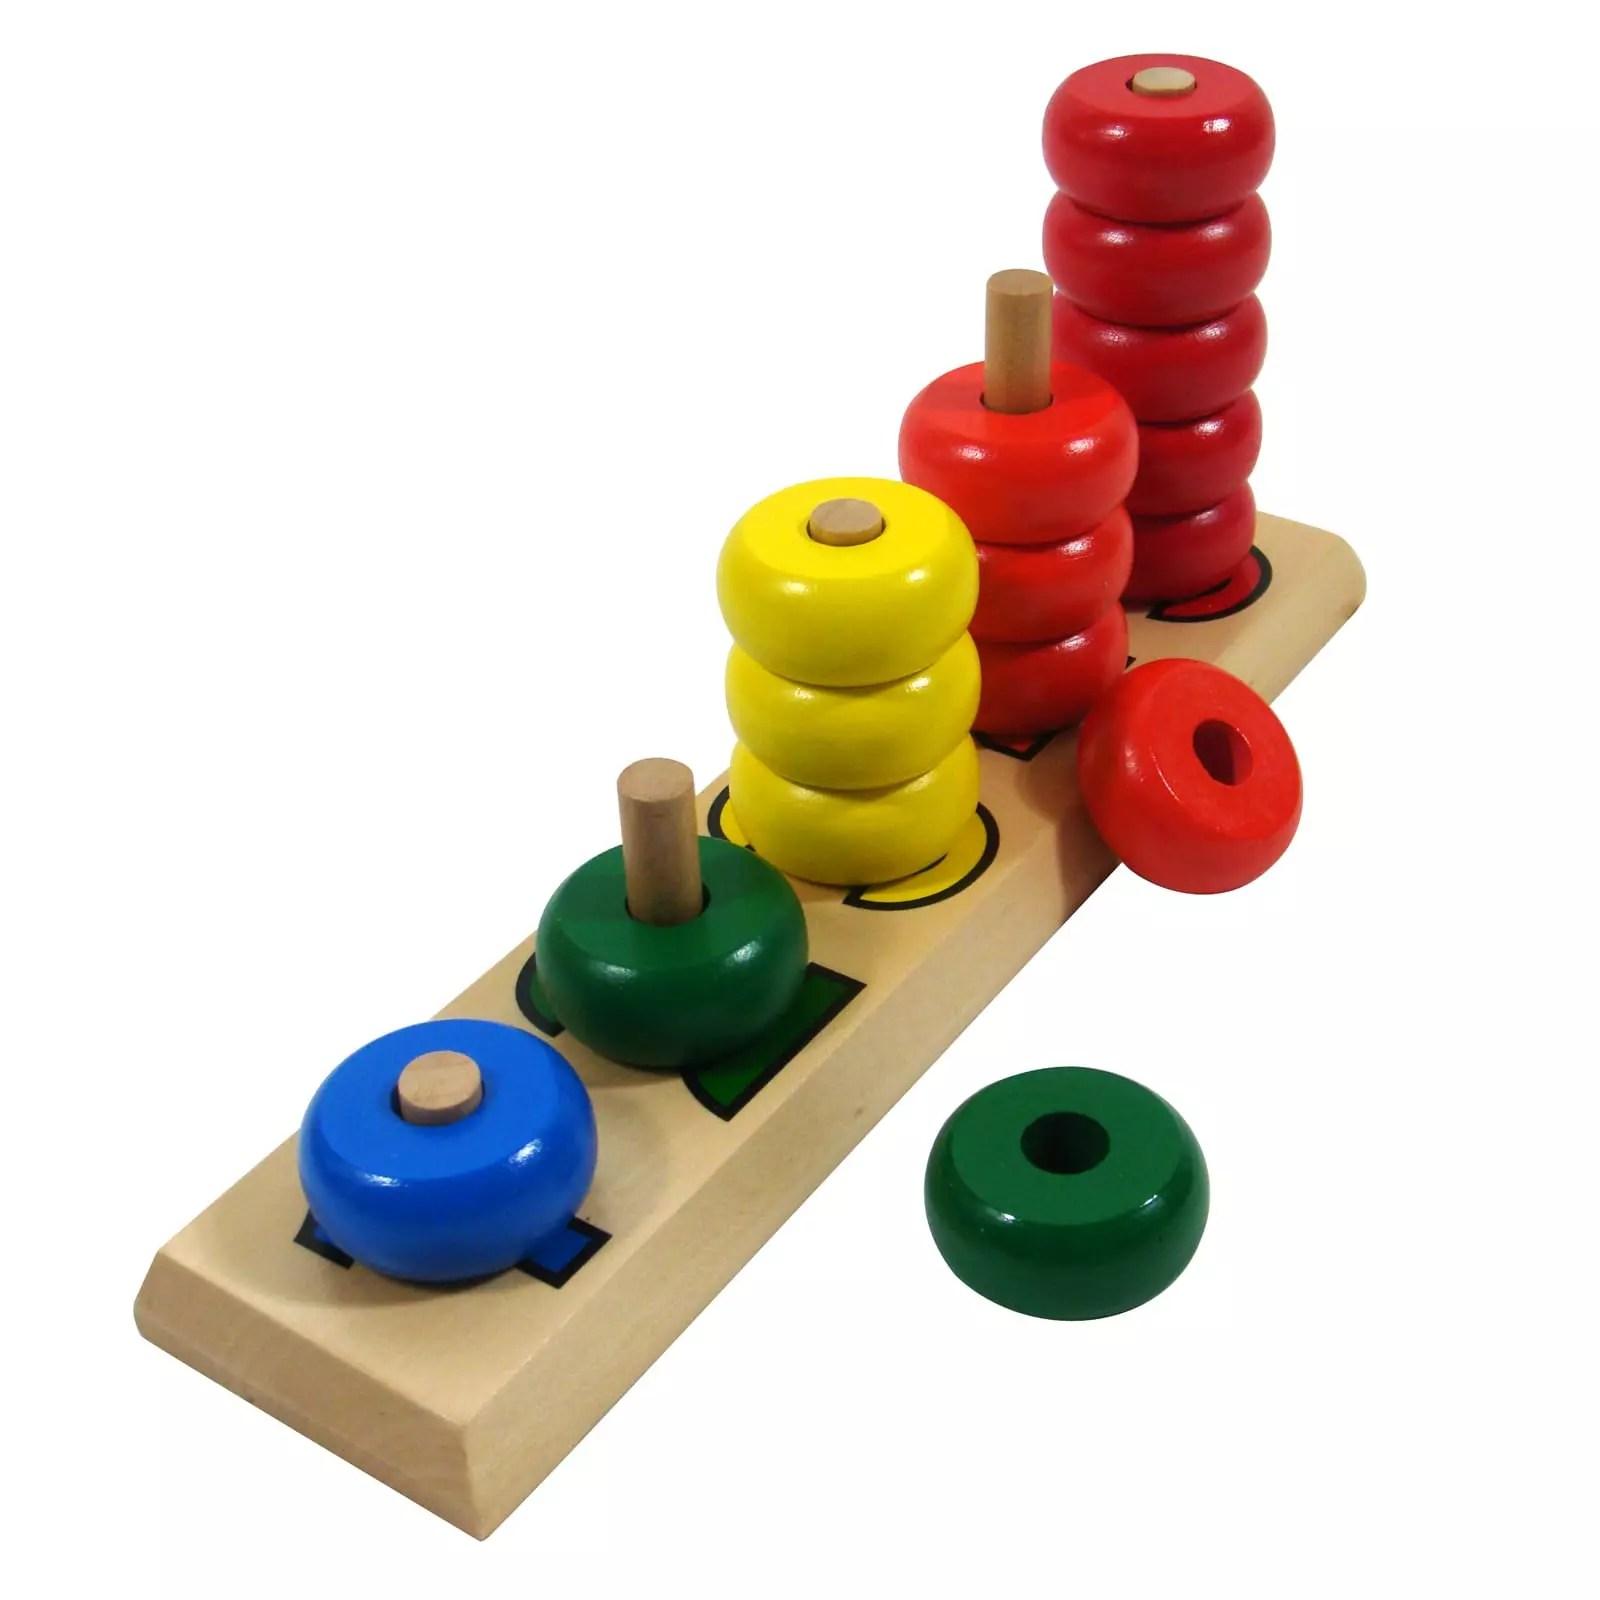 Bộ đồ chơi 5 cột tính màu sắc